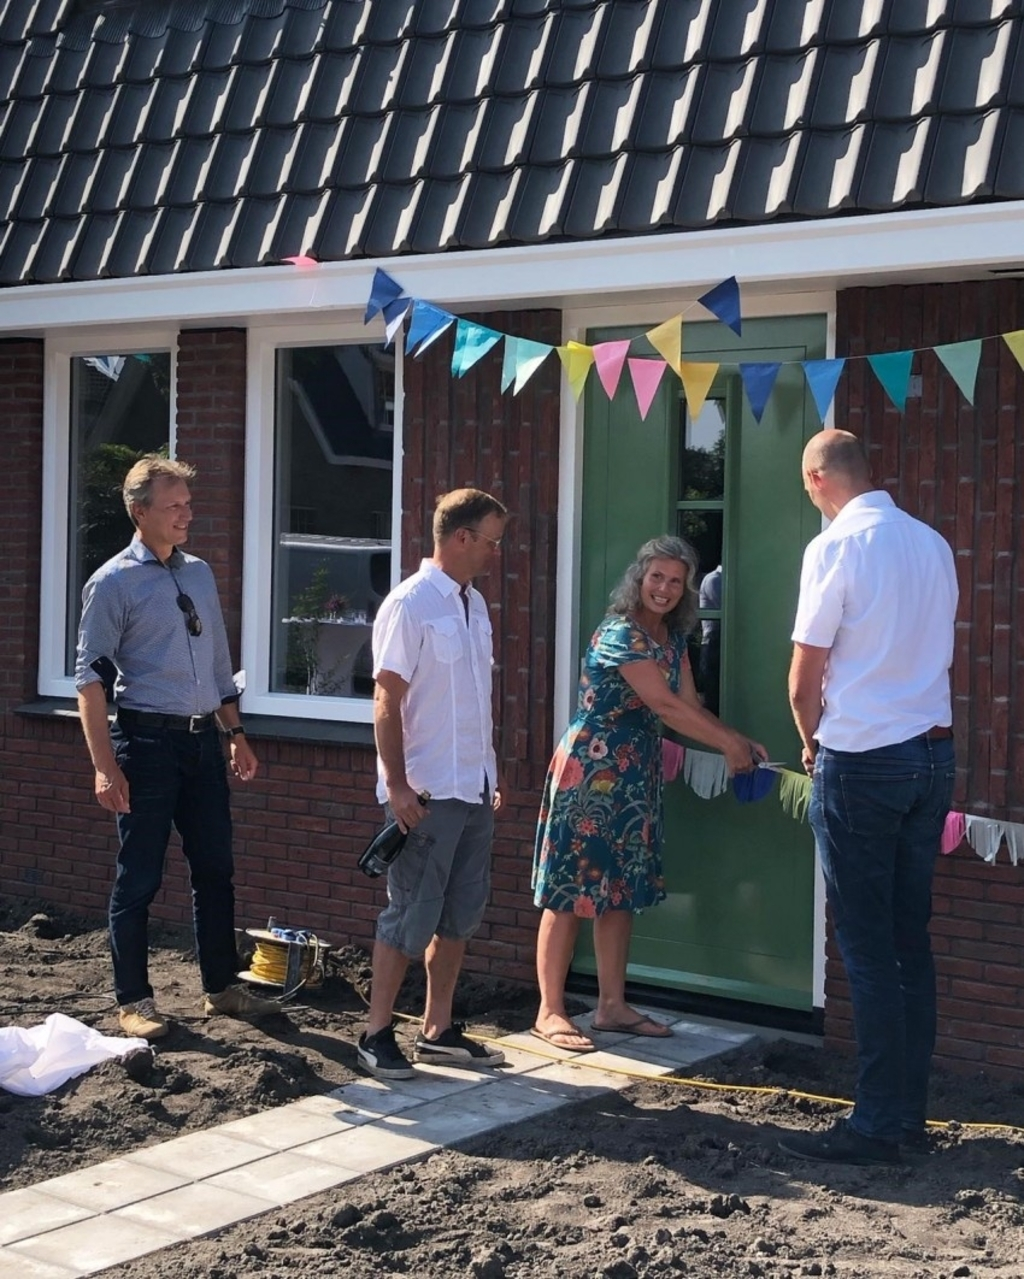 Levinus Jongmans van gemeente Zaanstad (links) en Jacob Prins van bouwbedrijf Van Der Gragt (rechts) begeleiden de trotse bewoners (midden) naar hun nieuwe, duurzame woning.  (Foto: aangeleverd) © rodi